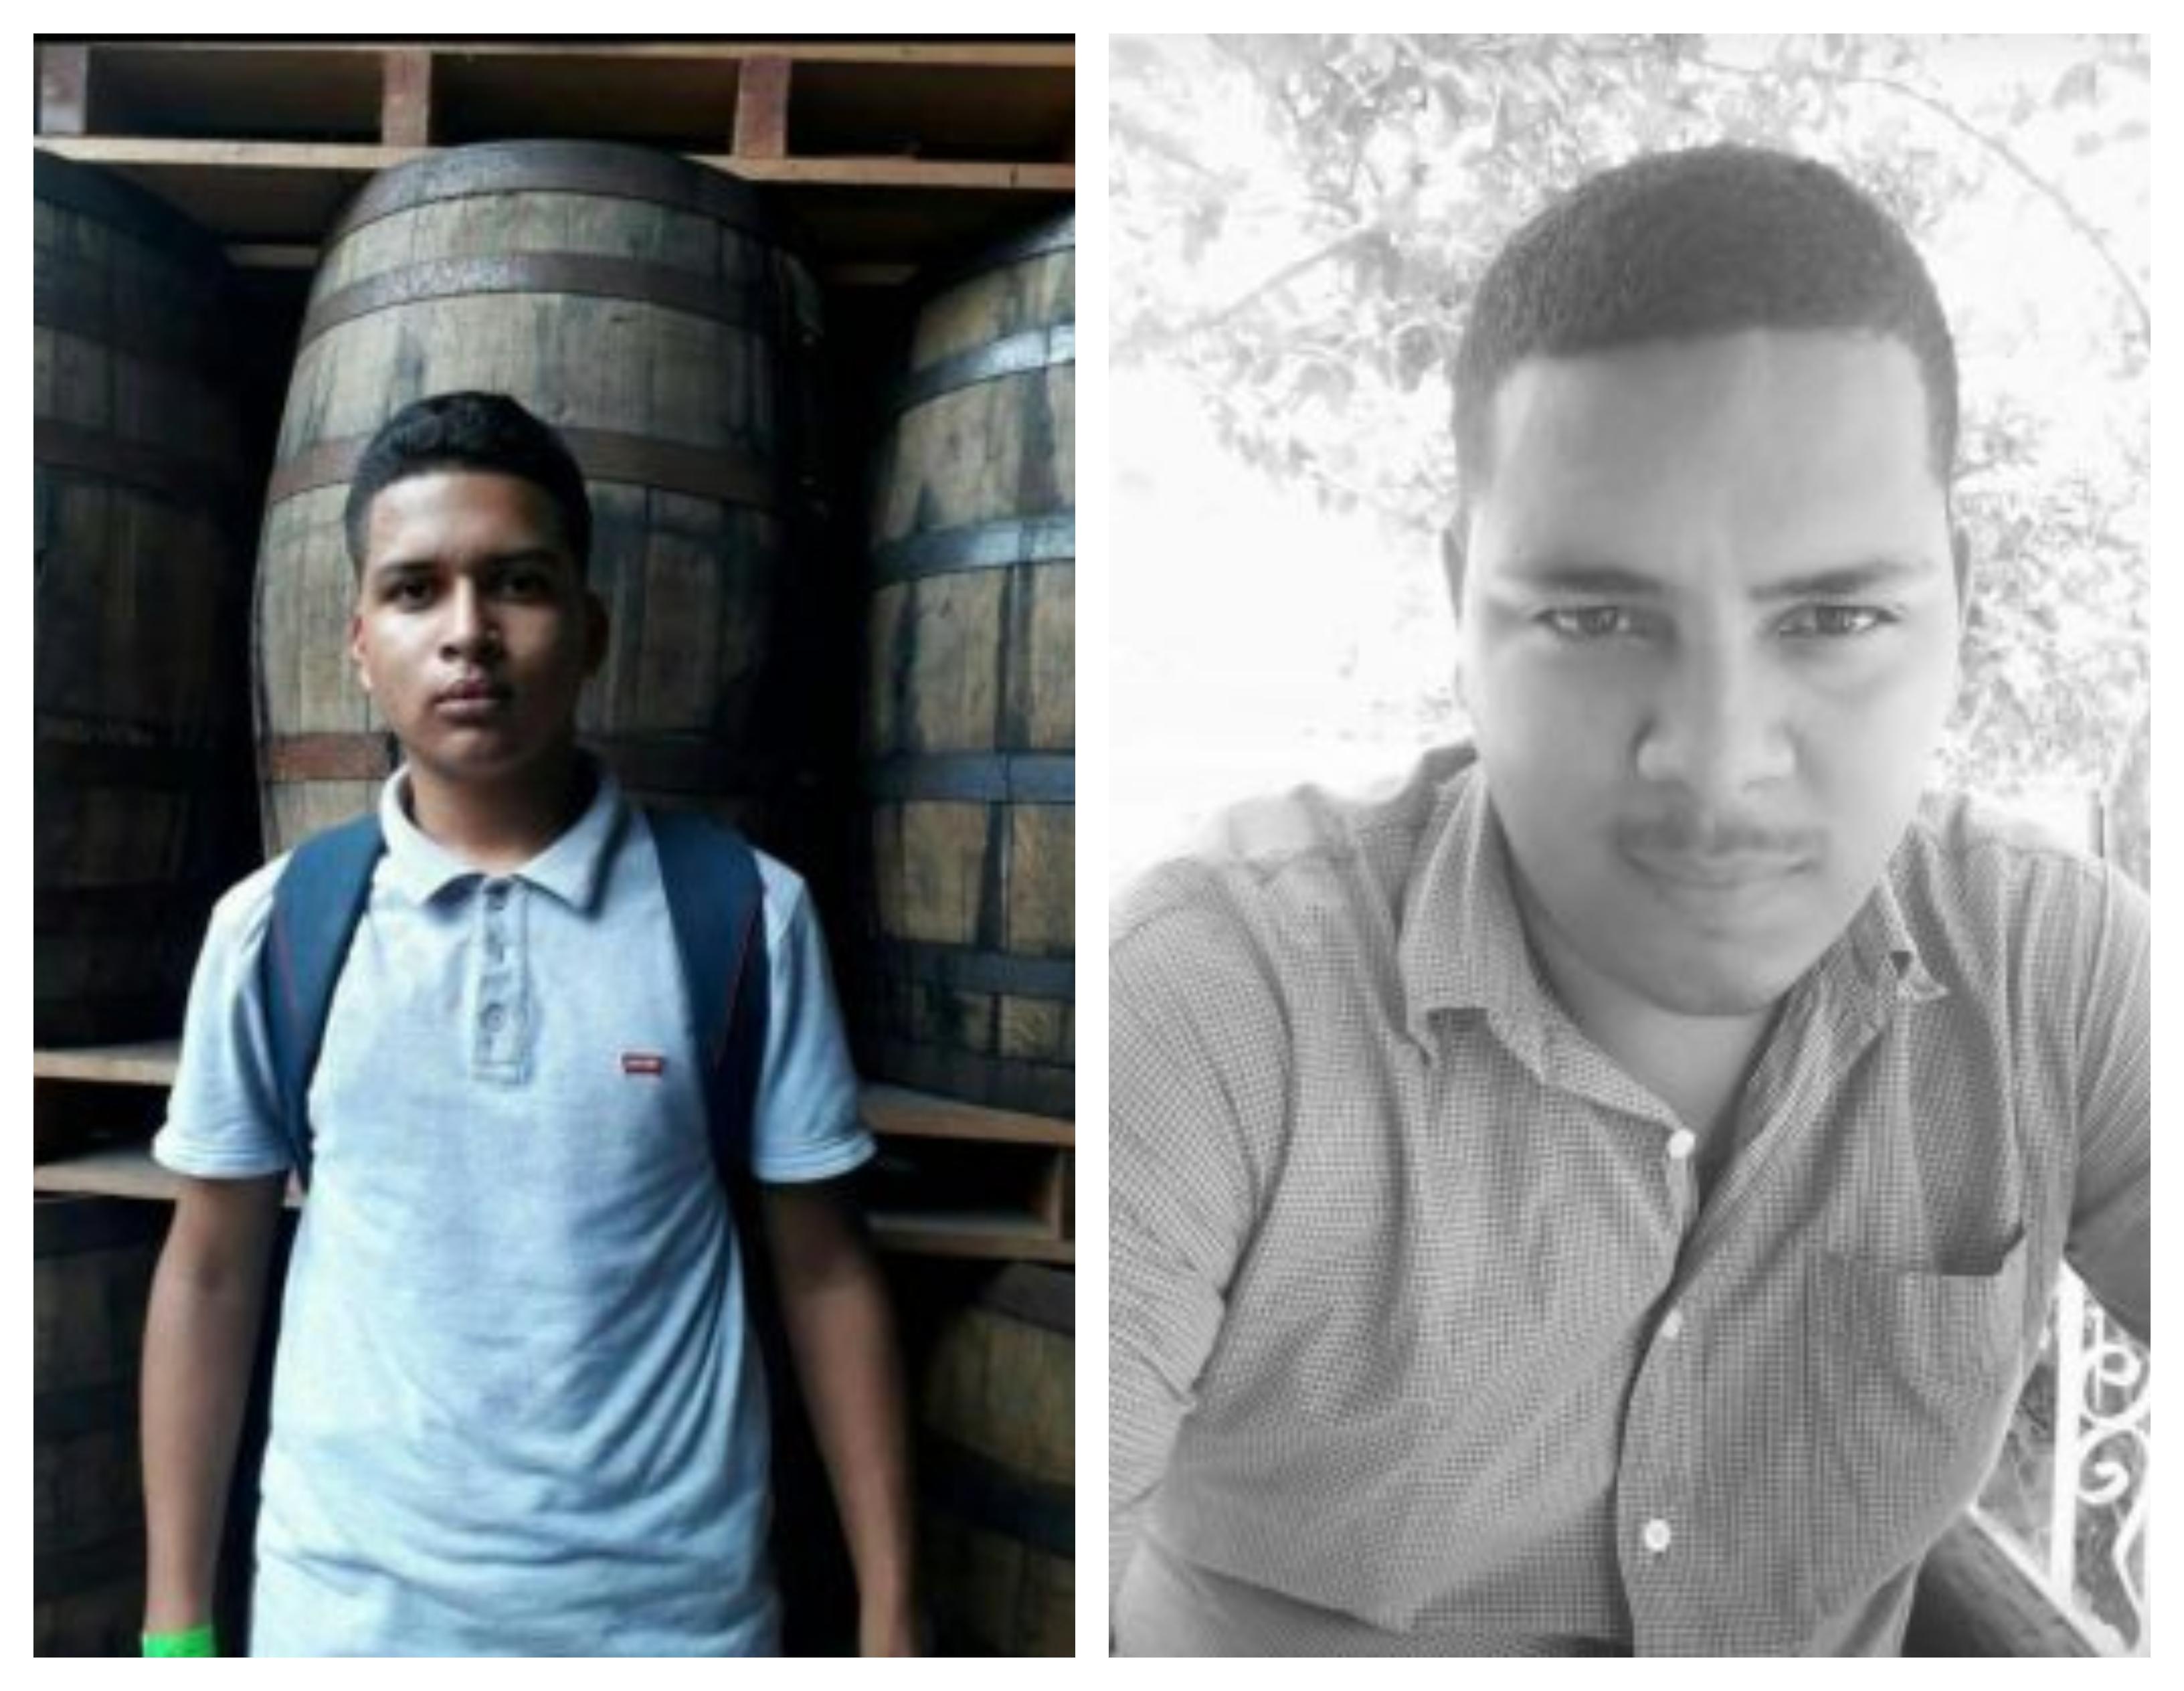 Jóvenes de Nandaime secuestrados por portar bandera azul y blanco